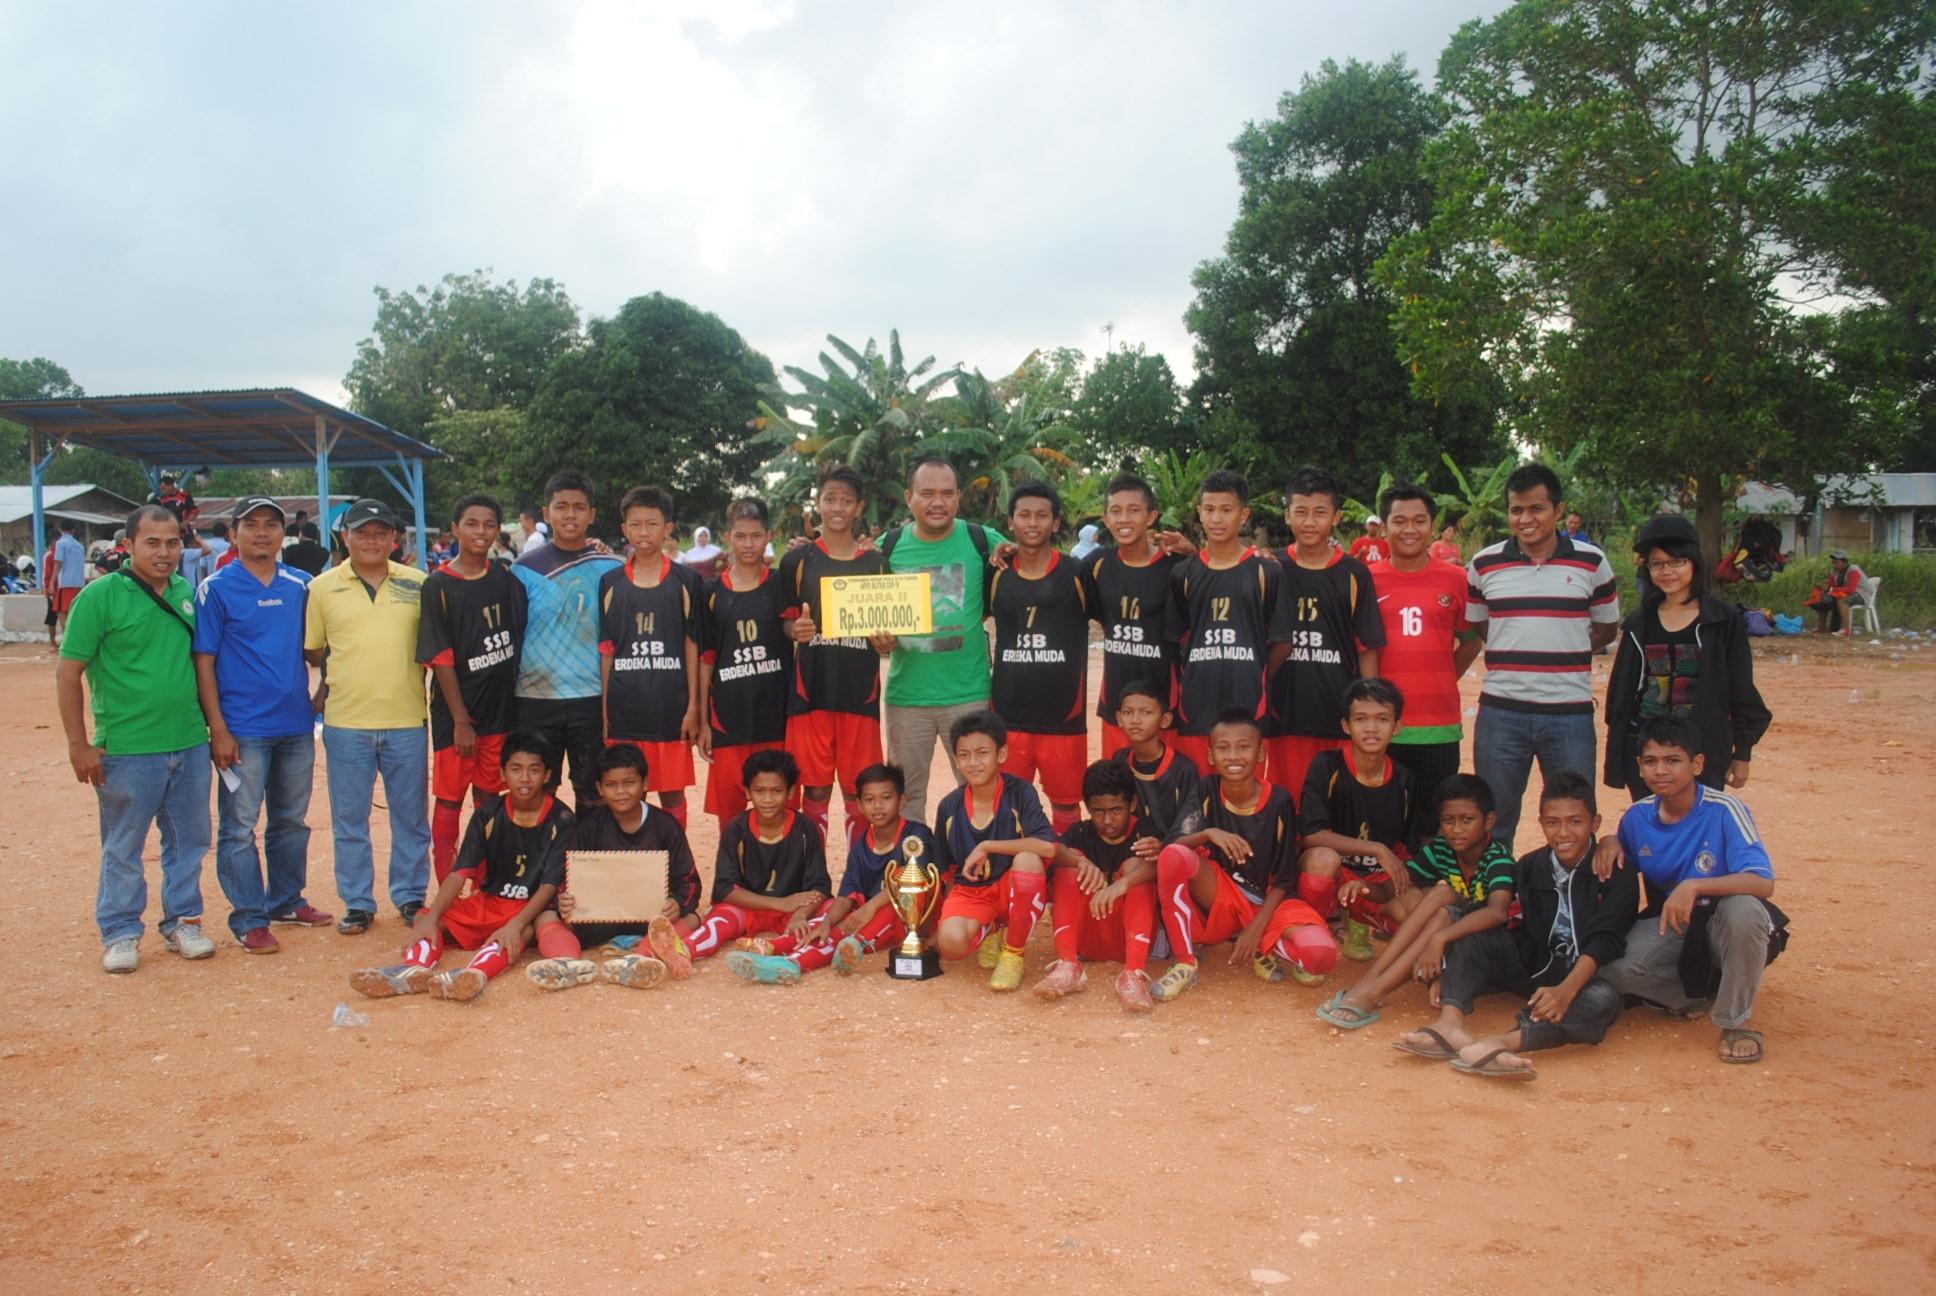 PAS Juara Aryo Blitar Cup 2013, Erdeka Muda Batam Runner Up